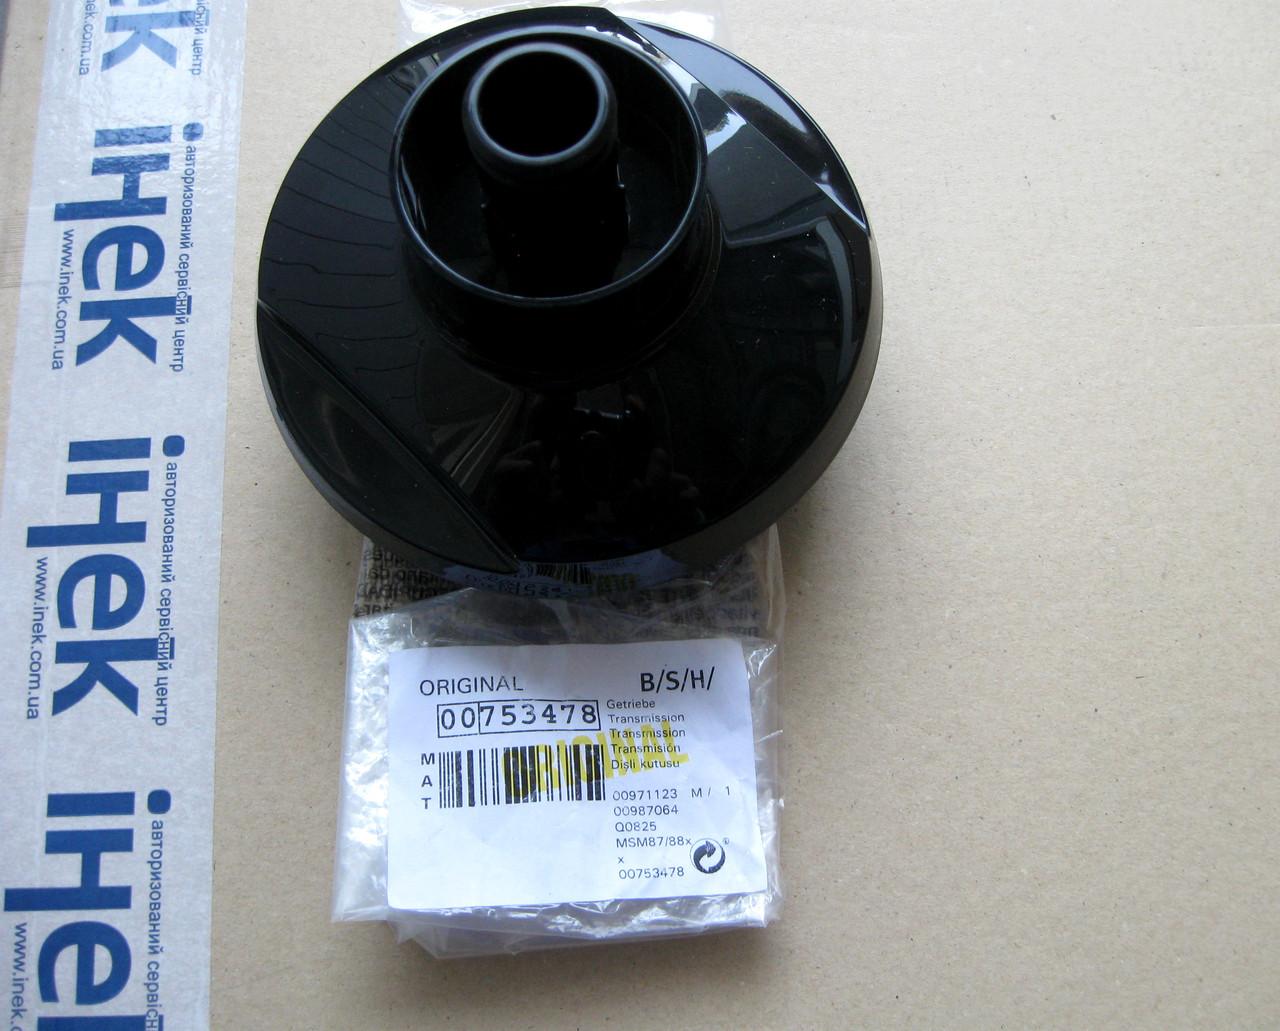 Трансмиcсия блендера Bosch MSM8, 00753478